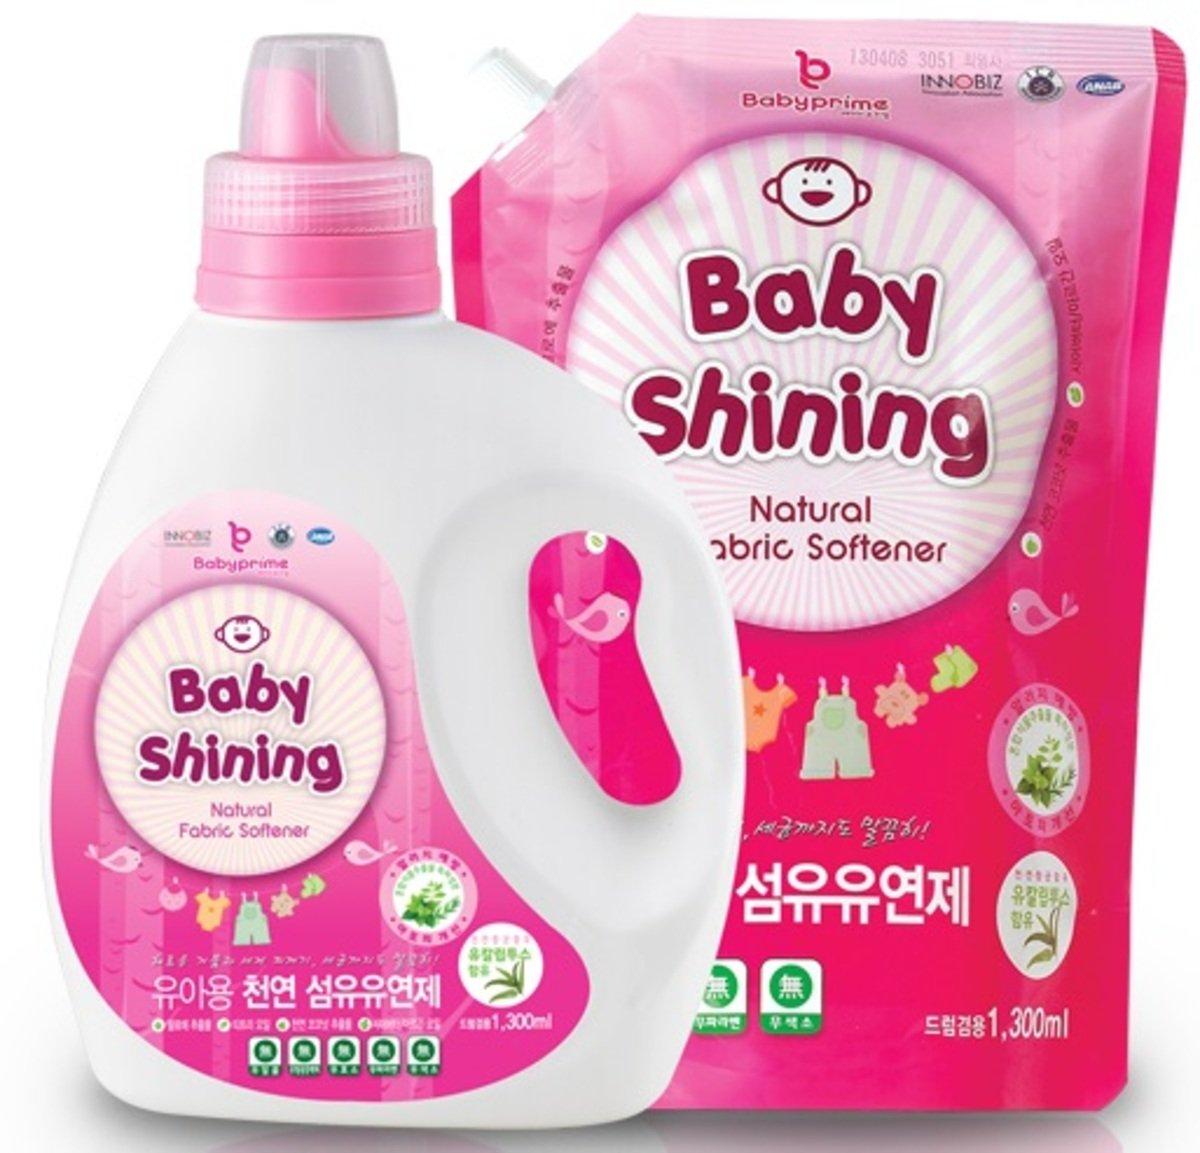 嬰兒天然柔順劑連補充裝